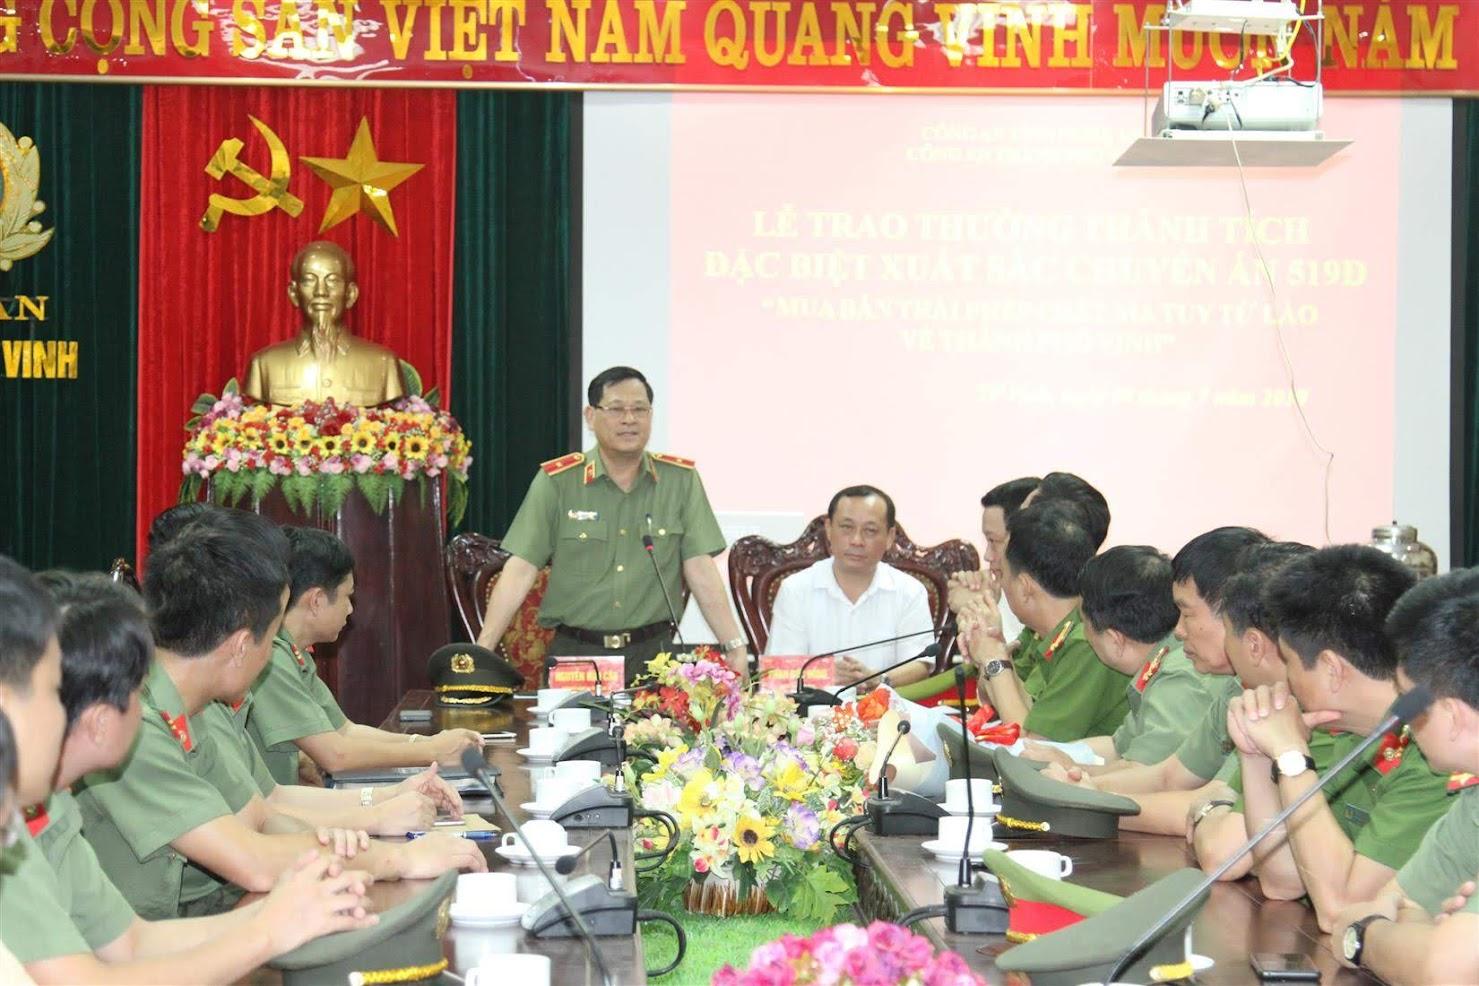 Đồng chí Thiếu Tướng Nguyễn Hữu Cầu, Giám đốc Công an tỉnh chỉ đạo Cơ quan CSĐT  Công an TP Vinh quyết liệt đấu tranh, làm rõ tội phạm trong một buổi làm việc với đơn vị